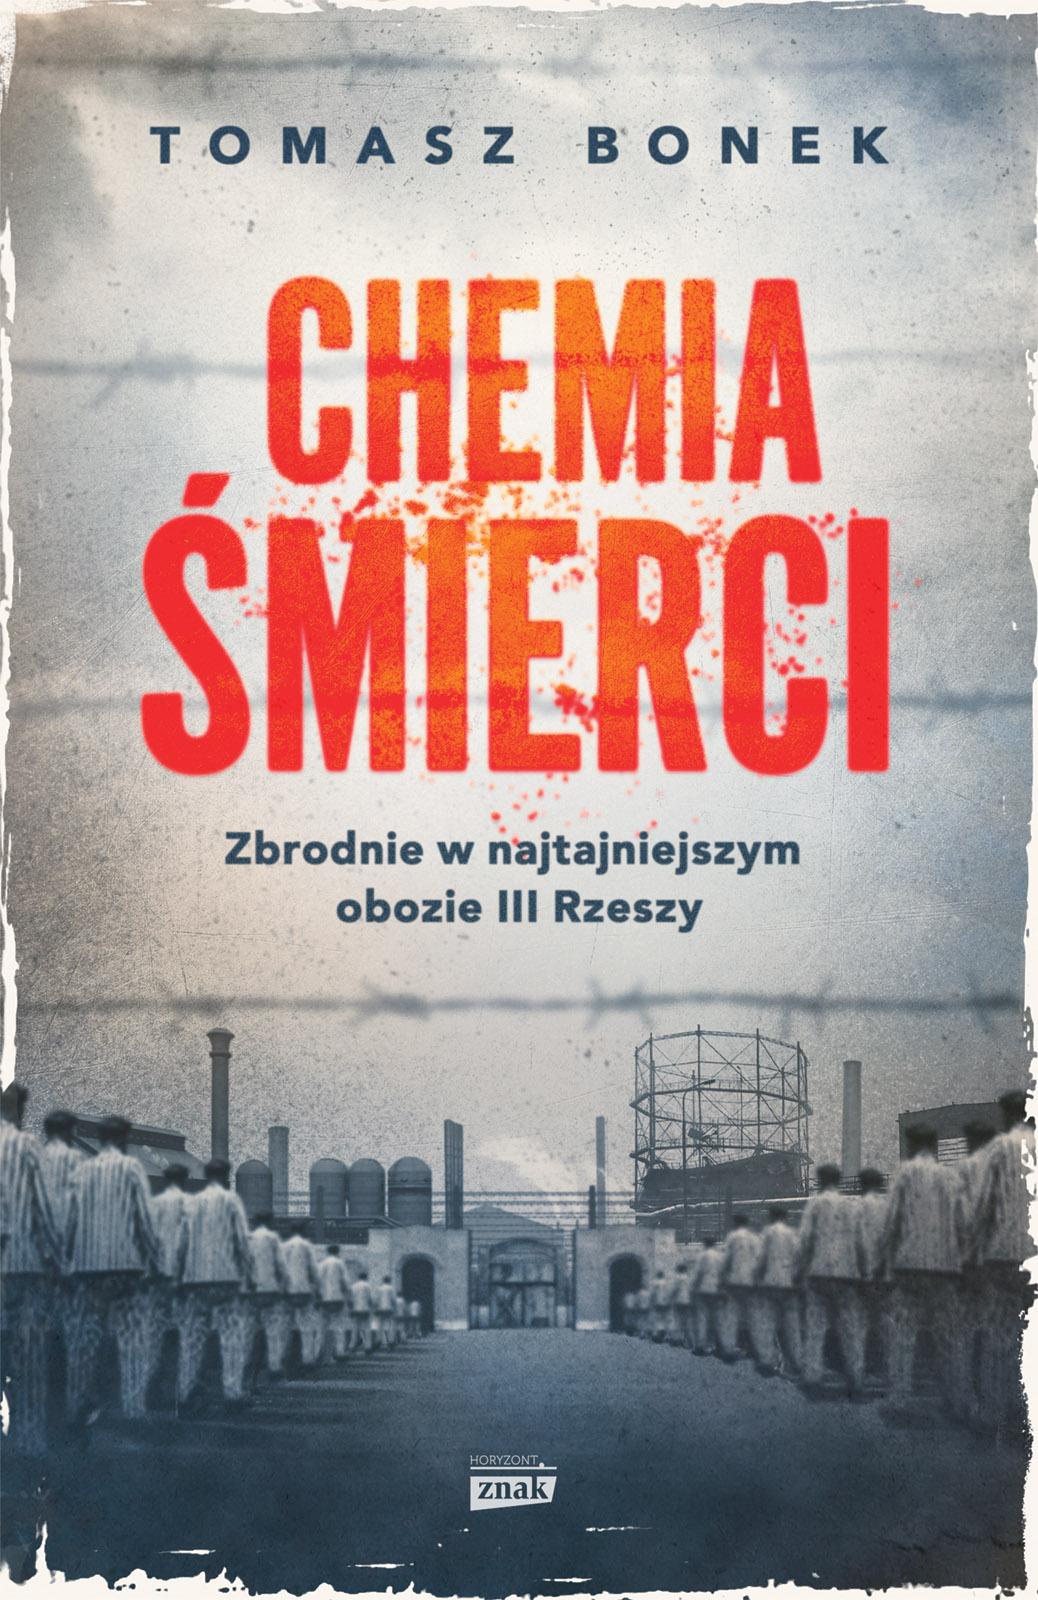 Tomasz Bonek Chemia Śmierci. Zbrodnie w najtajniejszym obozie III Rzeszy